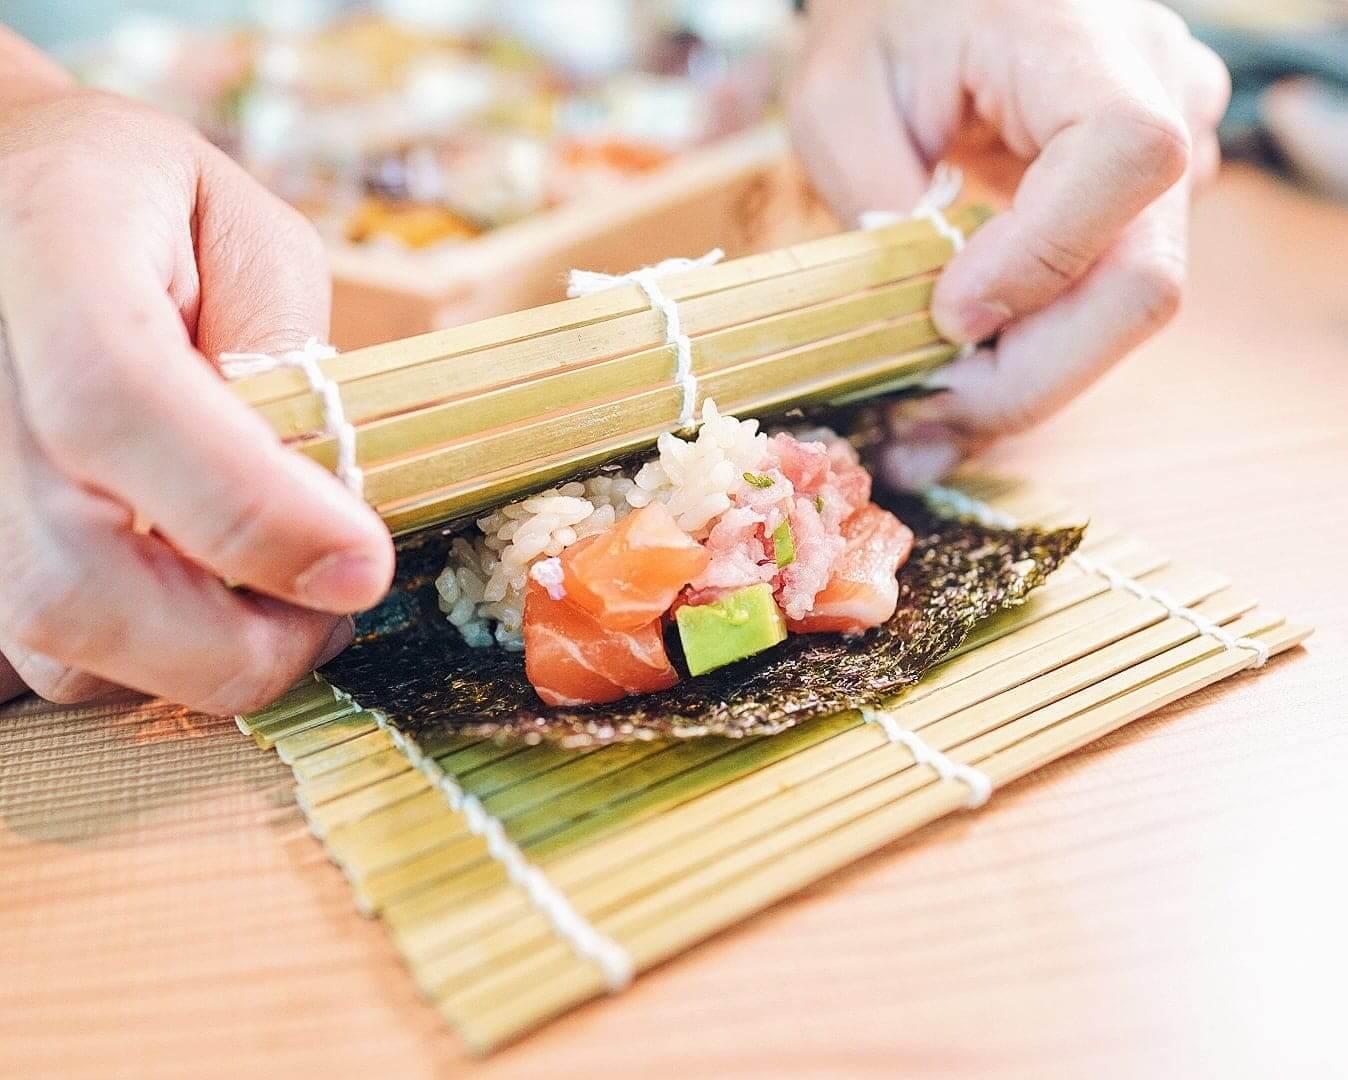 加上紫菜及精米飯,用竹簾卷壓。